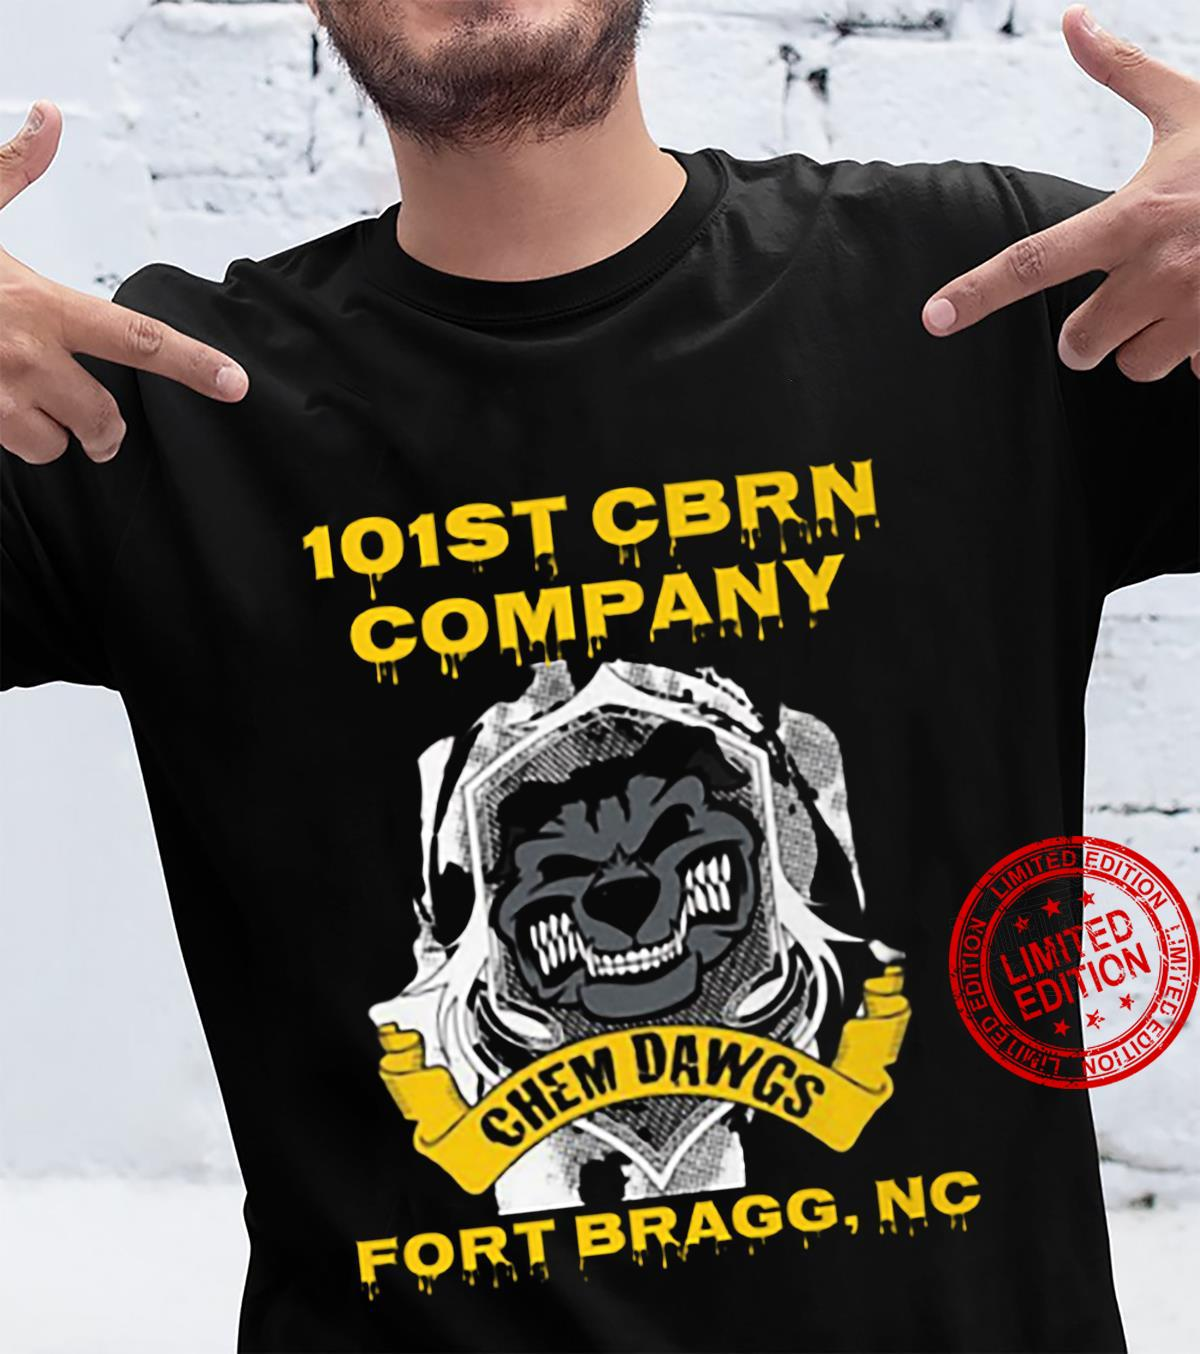 101st Cbrn Company Chem Dawgs Fort Bragg Nc Shirt unisex